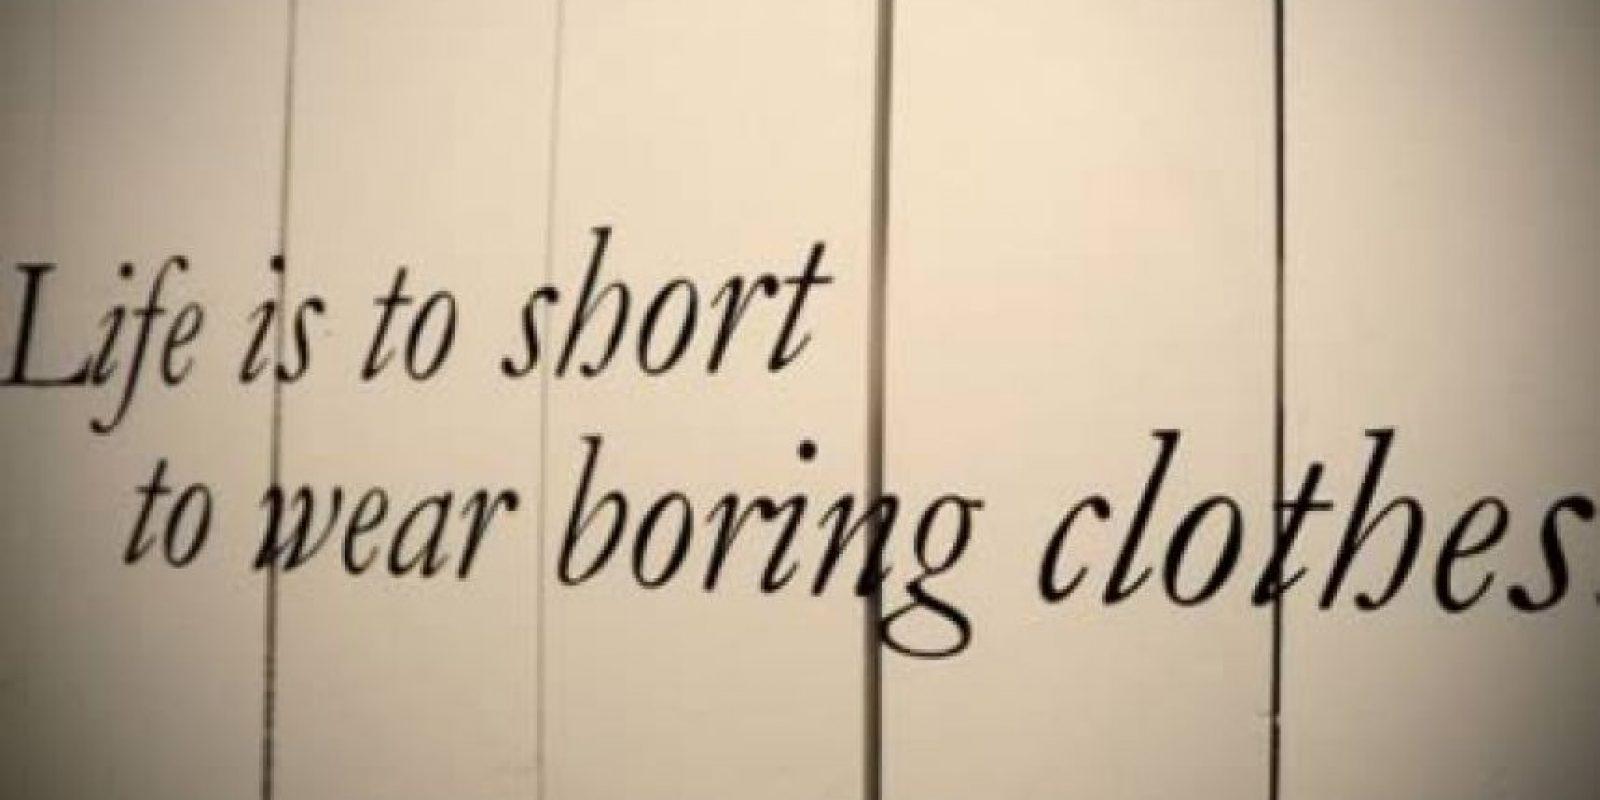 (La vida es muy corta para vestir ropa aburrida) – Seguramente eso lo escribió Lady Gaga Foto:oddee.com